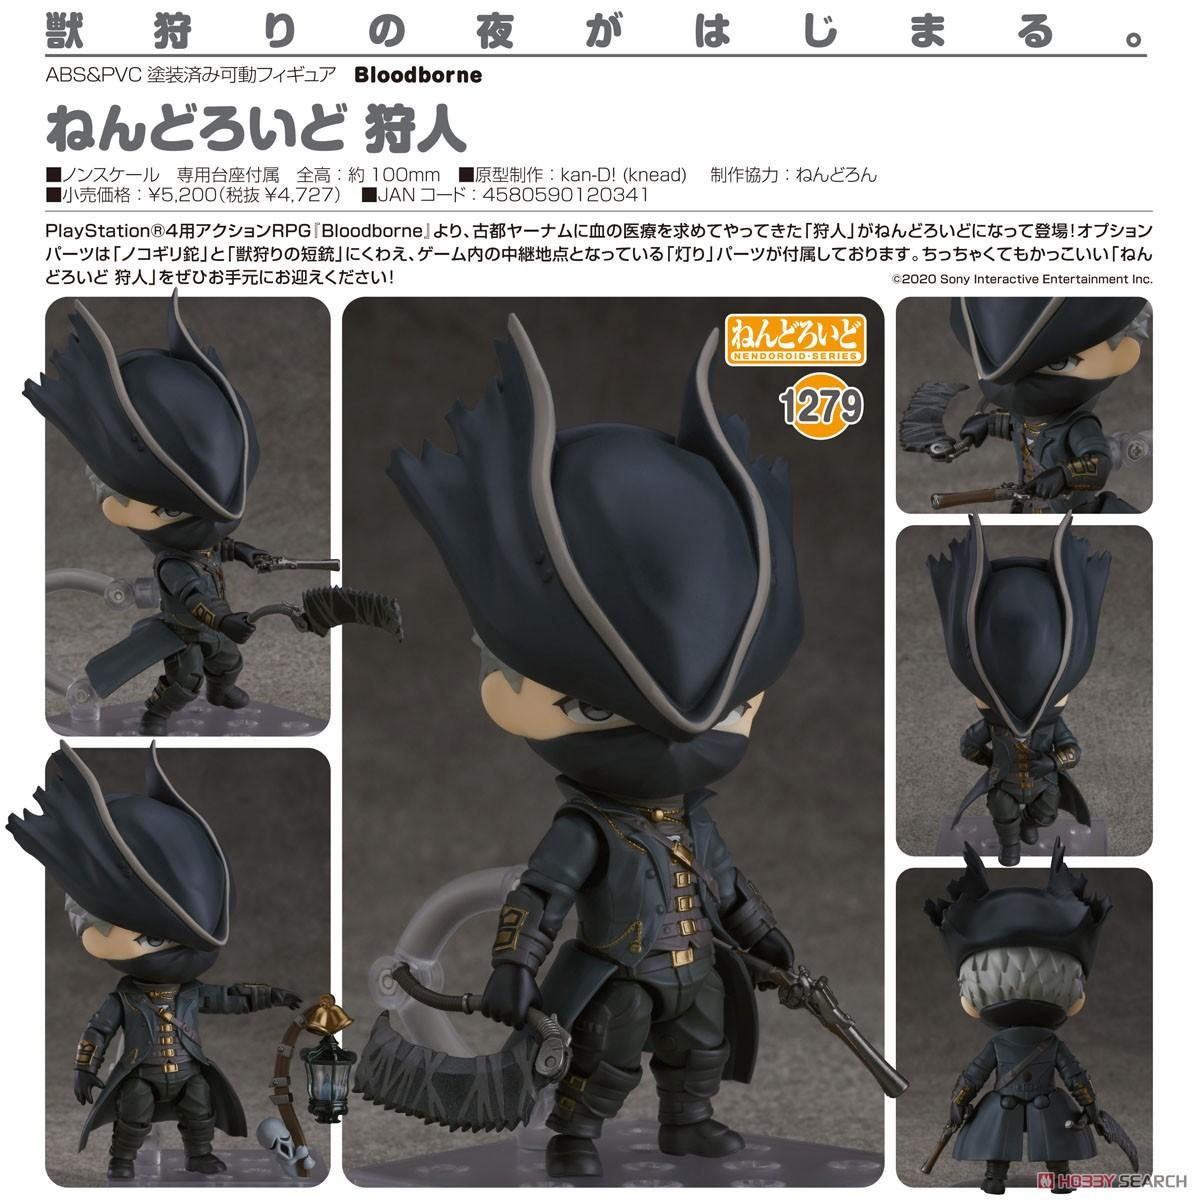 ねんどろいど『狩人』Bloodborne 可動フィギュア-007